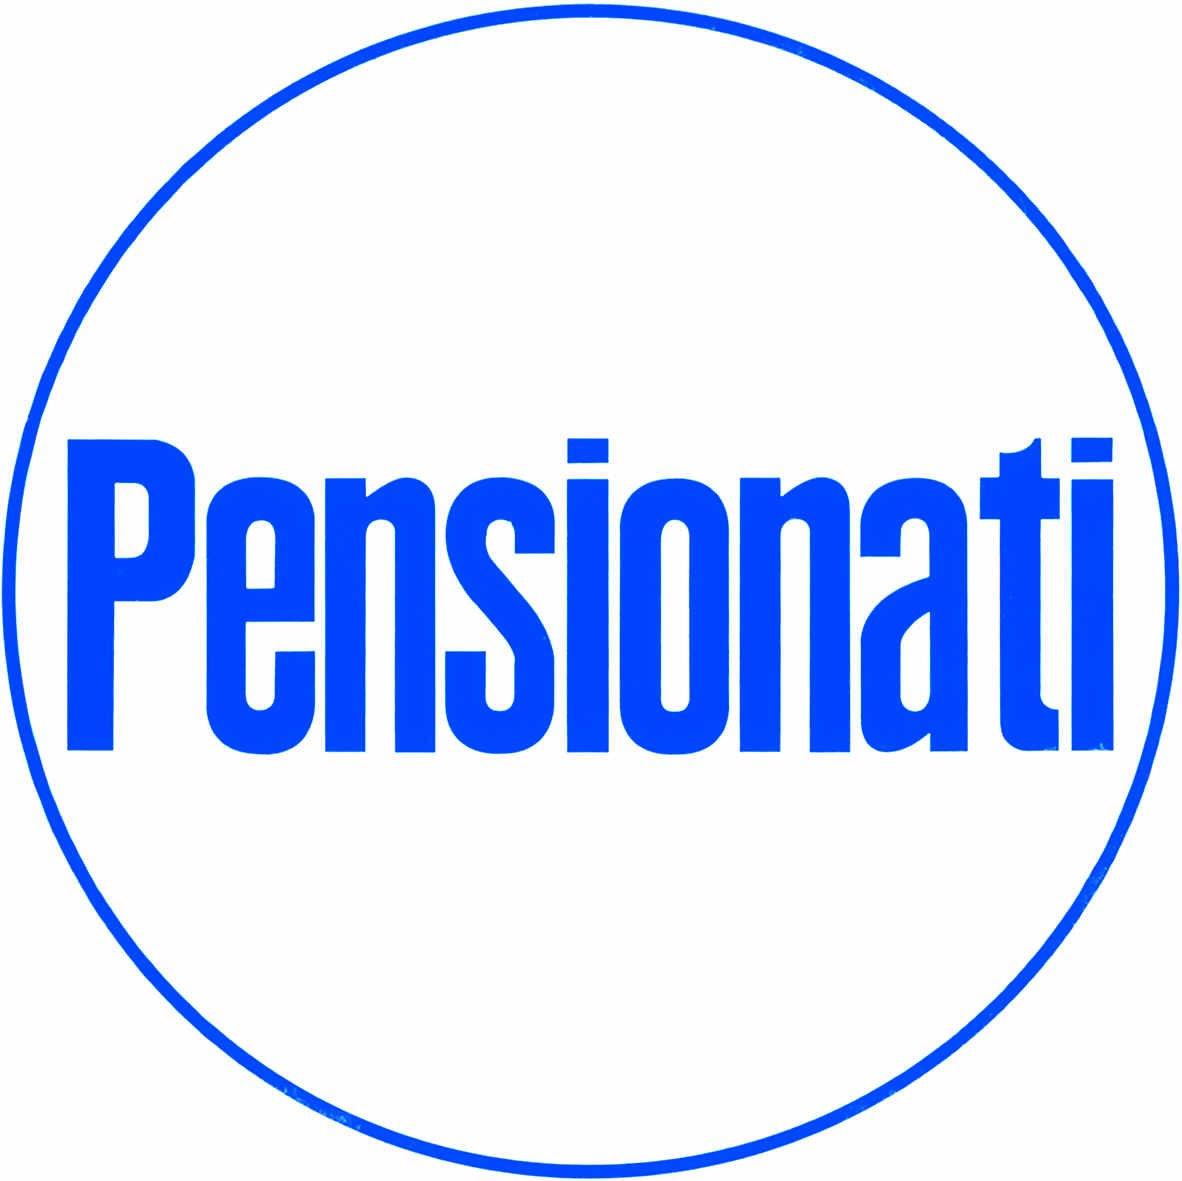 Pdl, Fatuzzo (Partito pensionati): il partito pensionati non ammaina la sua bandiera